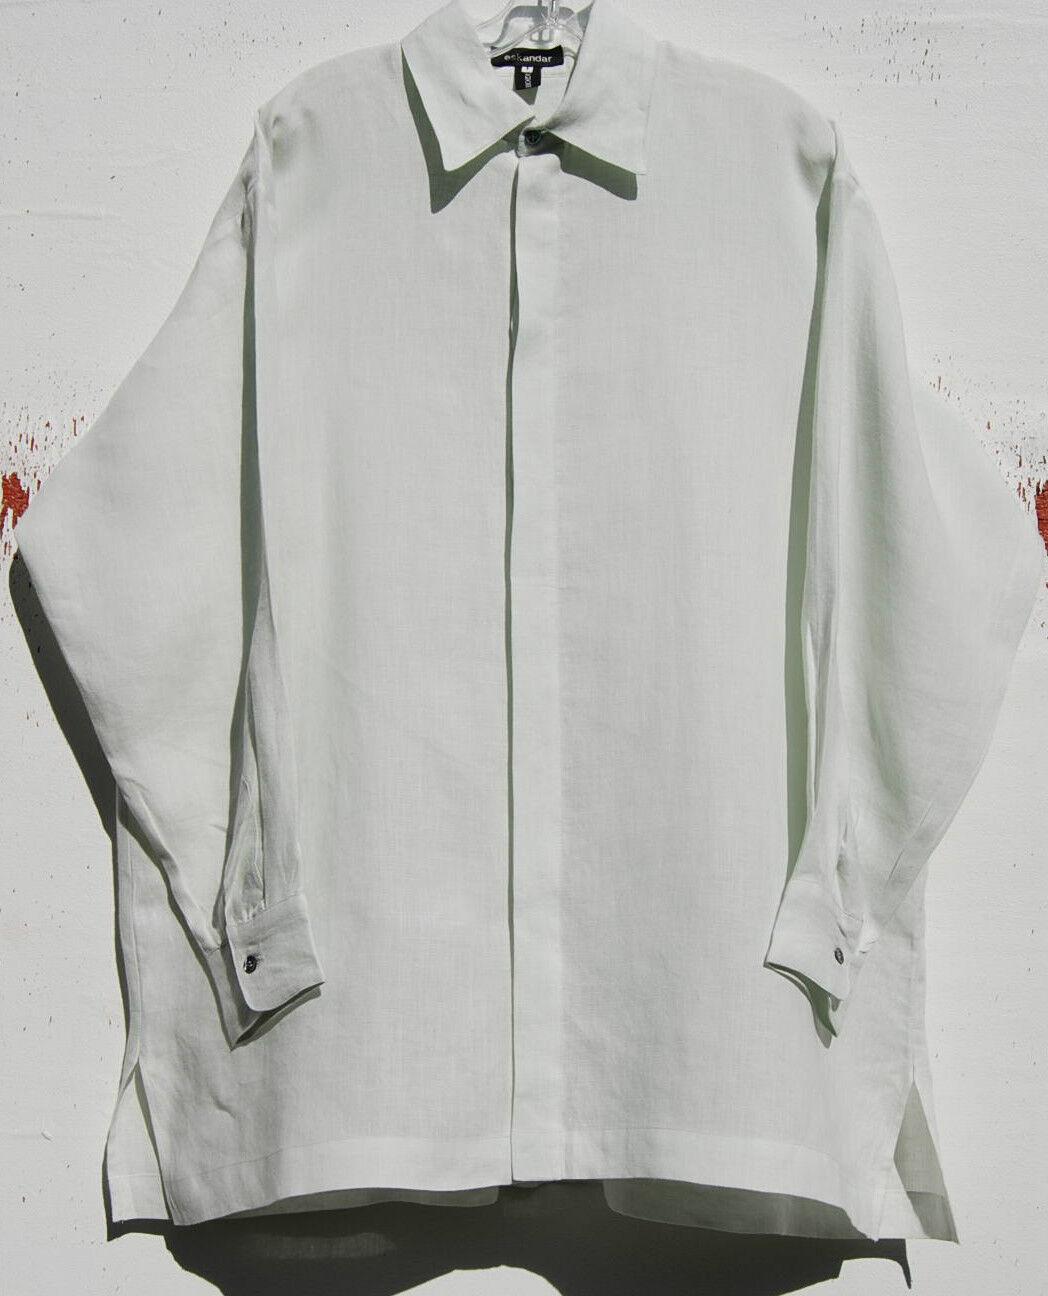 Nuevo Eskandar Bergdorf Goodman verde Menta Lino  clásico de cuello túnica súperior (1)  895  ventas en línea de venta